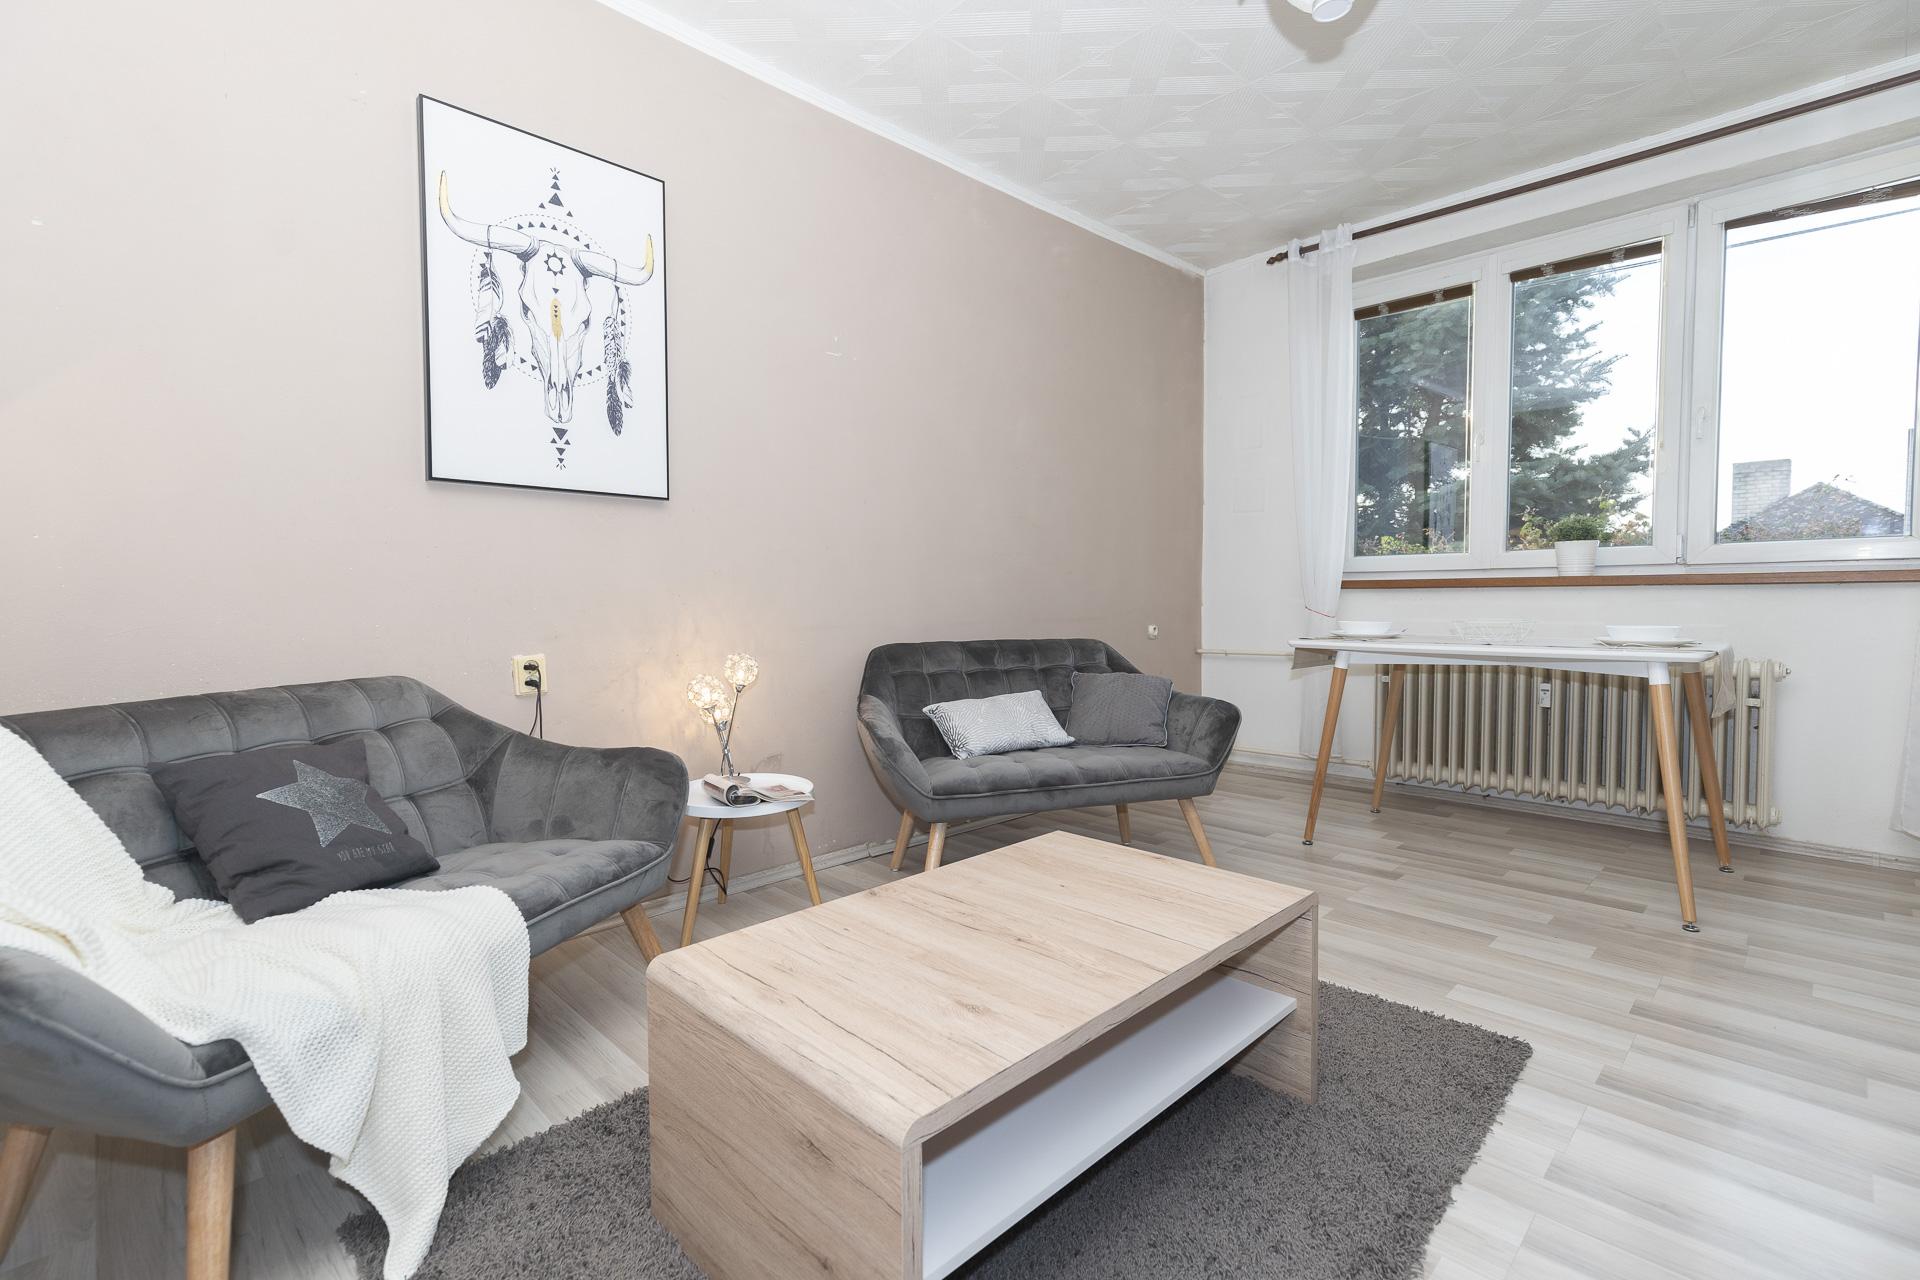 obývací pokoj s nábytkem a oknem